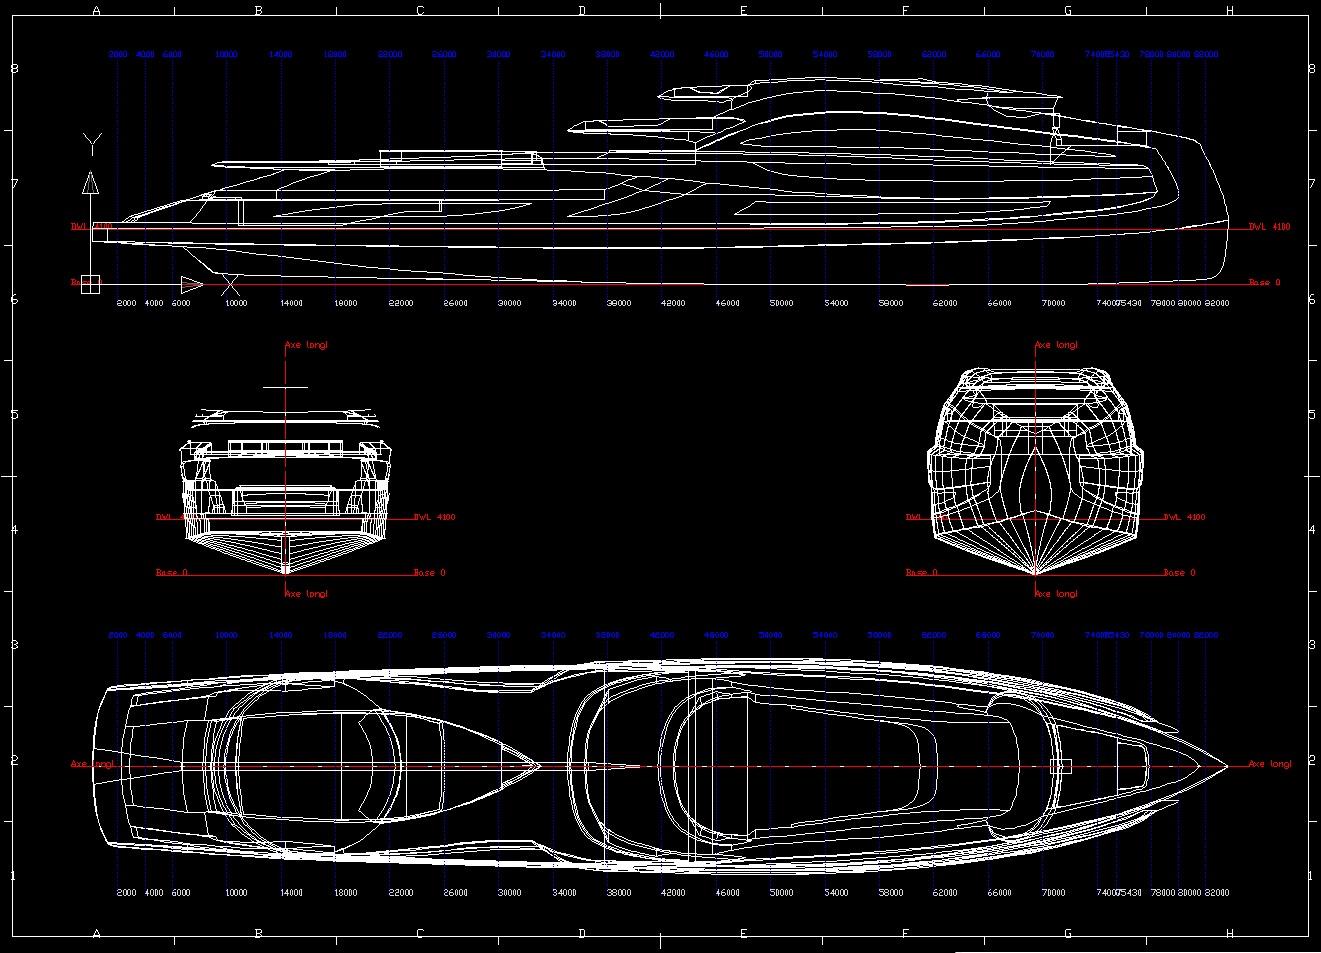 Xbow mega yacht - Page 3 1901060454385350416066754